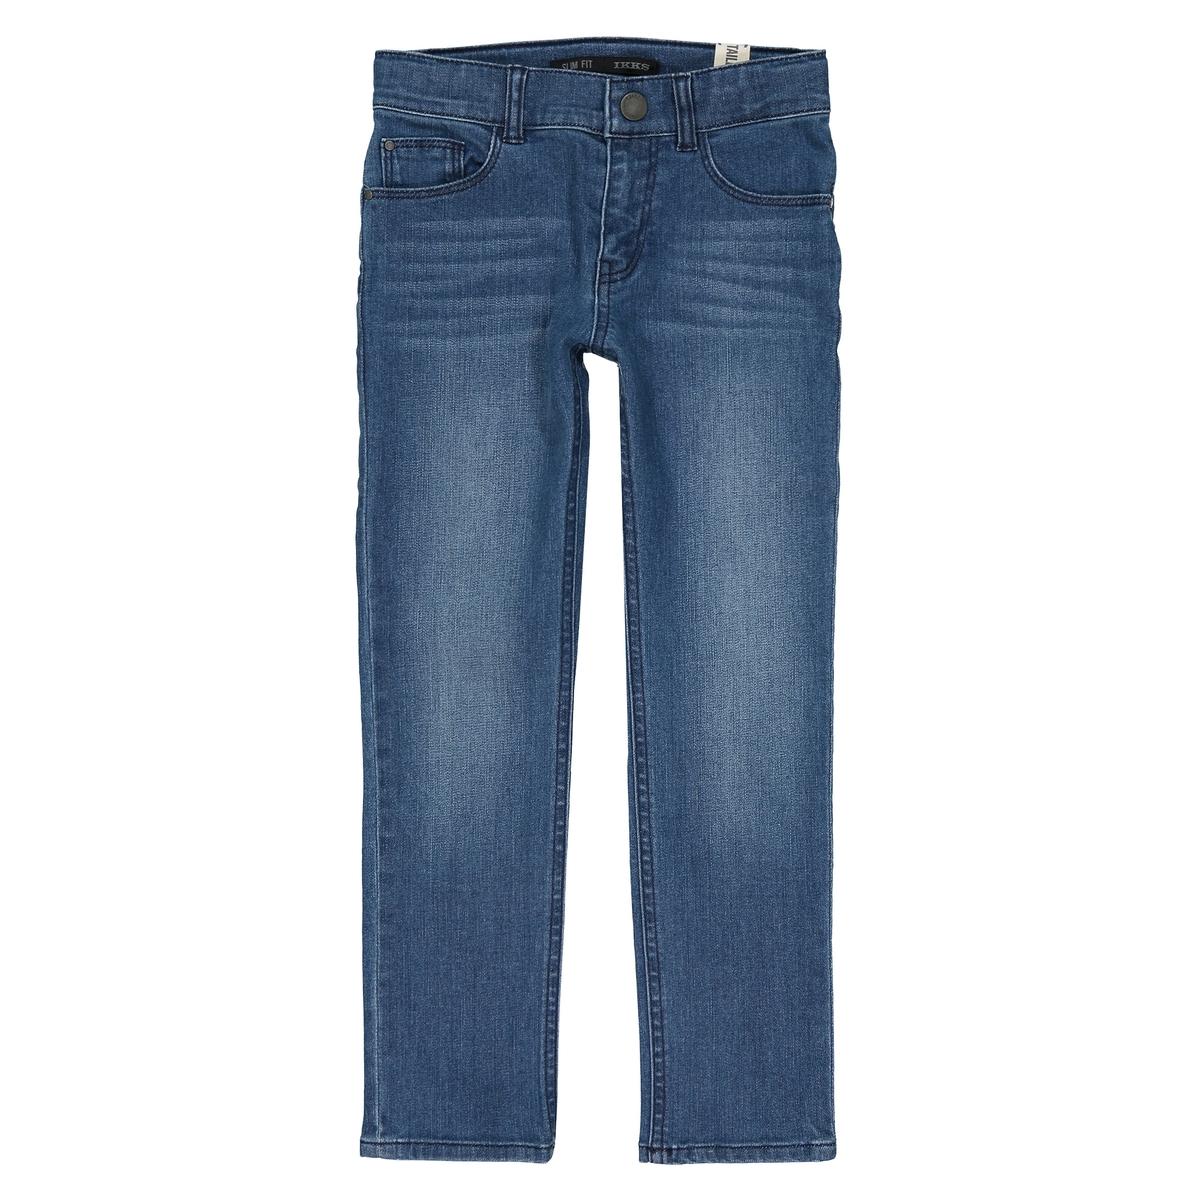 Джинсы облегающие на 4 - 14 лет джинсы бойфренд 3 14 лет